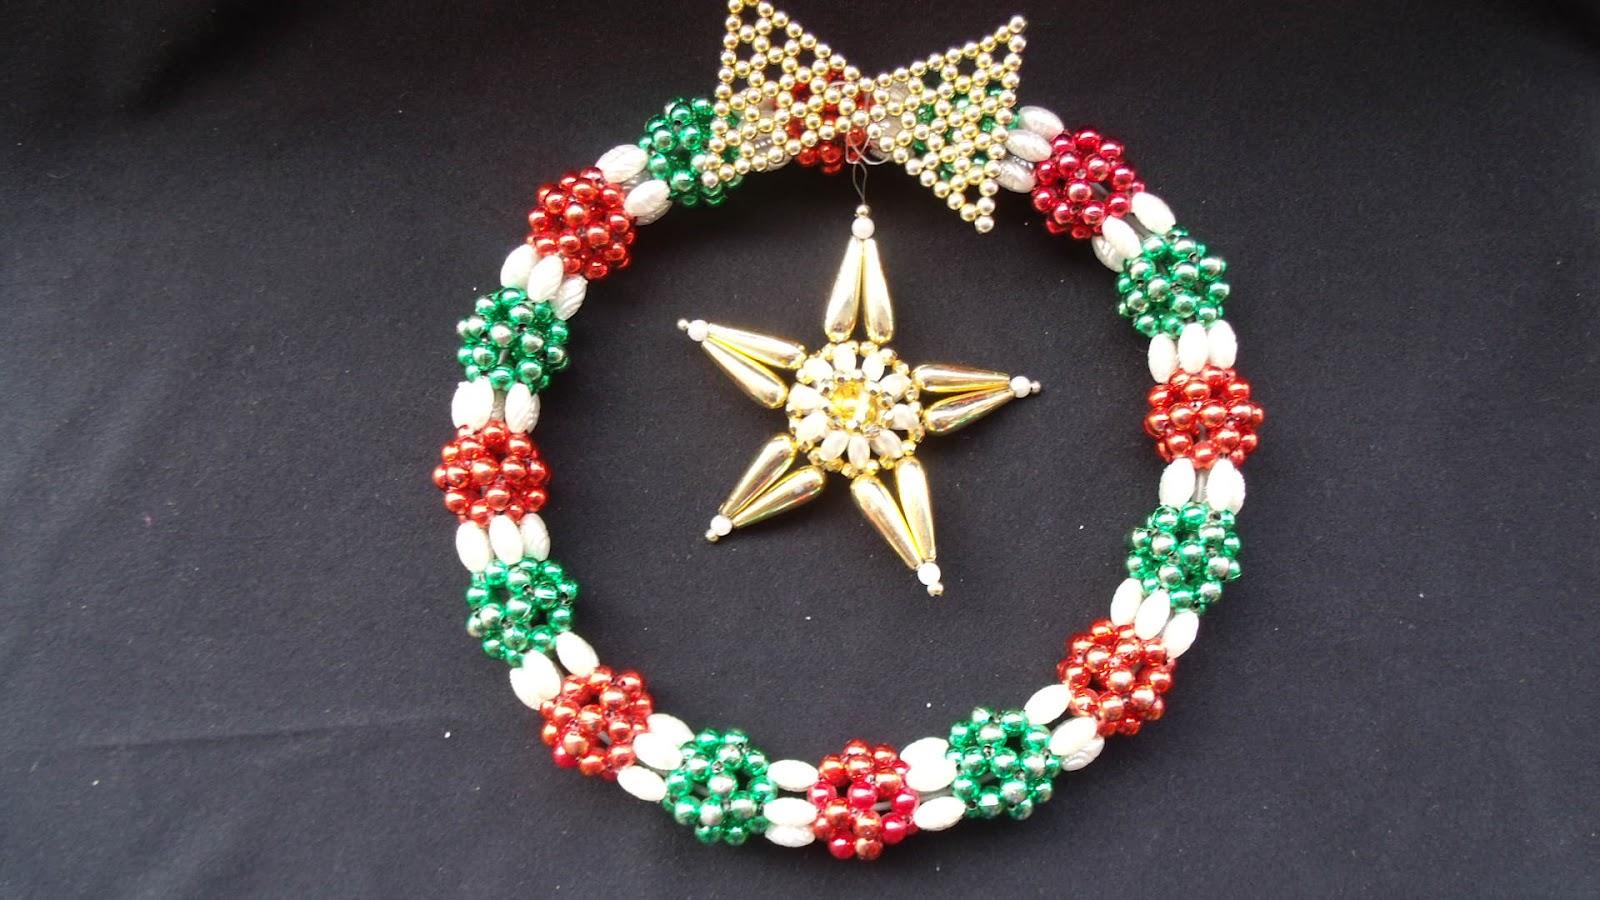 Manualidades en perlas - Trabajos manuales navidenos ...